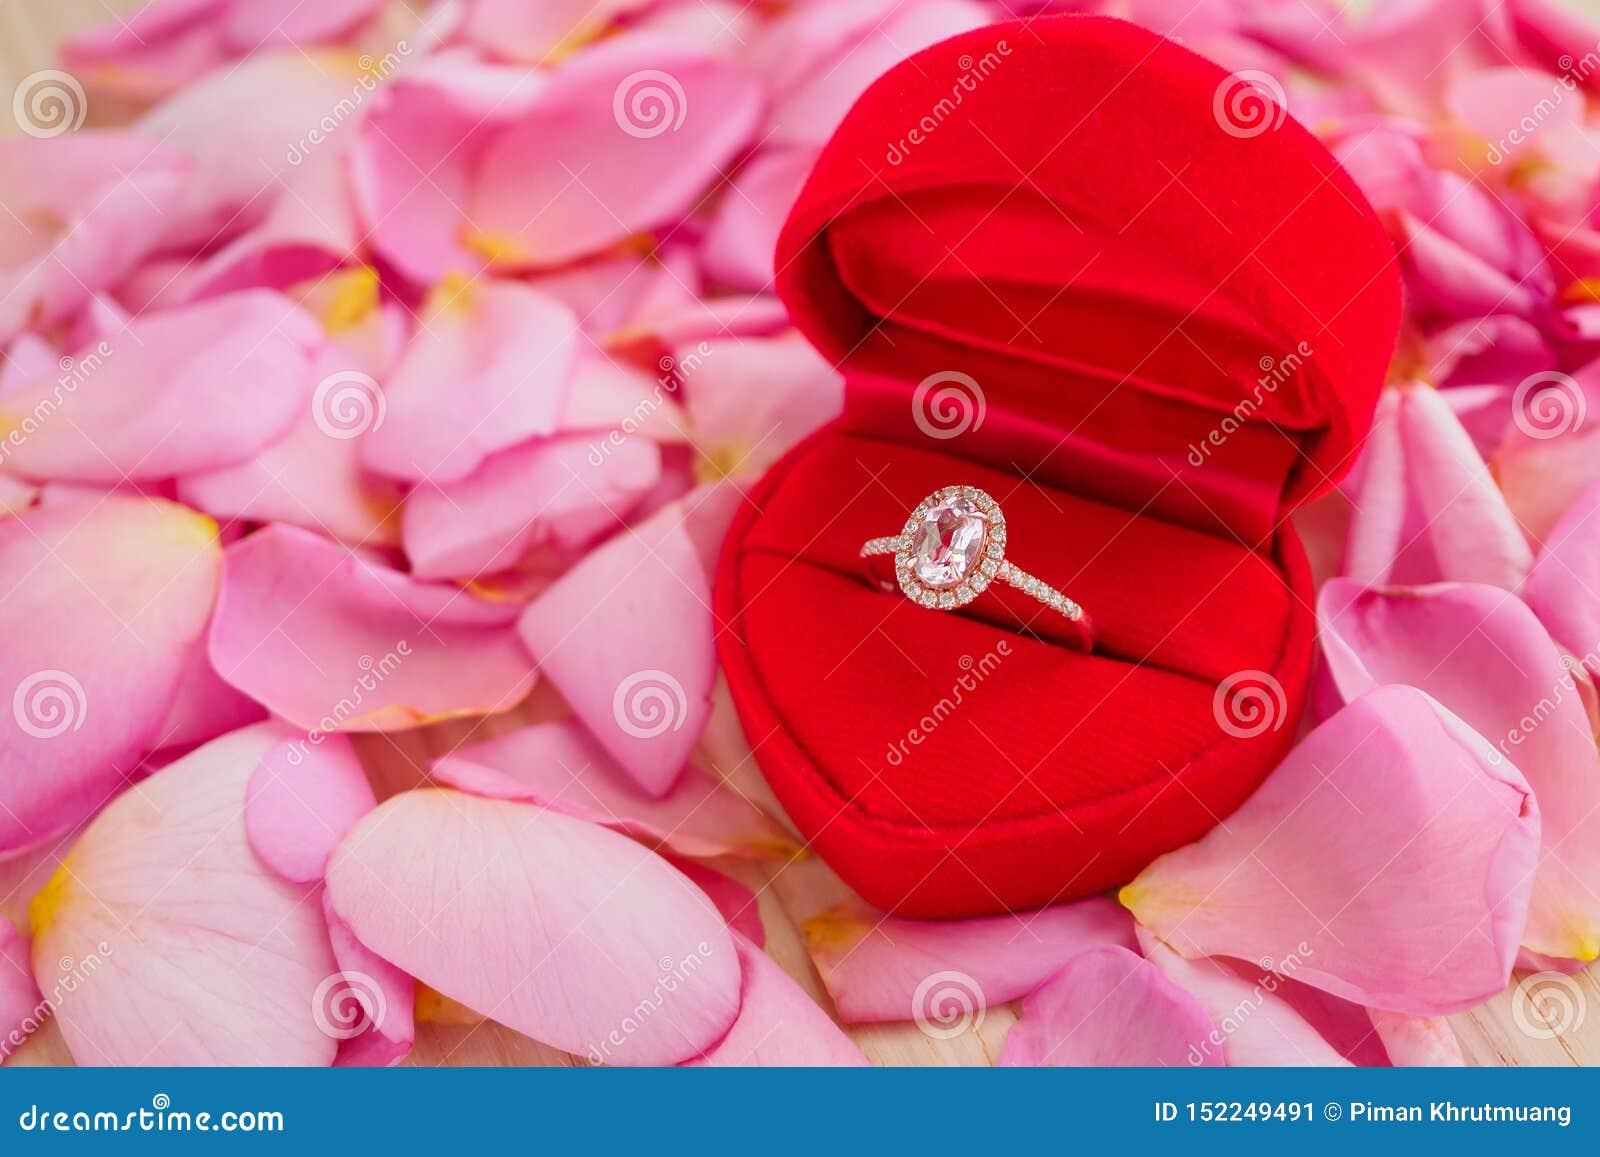 Элегантное кольцо с бриллиантом свадьбы в шкатулке для драгоценностей сердца на красивой розовой предпосылке лепестка розы